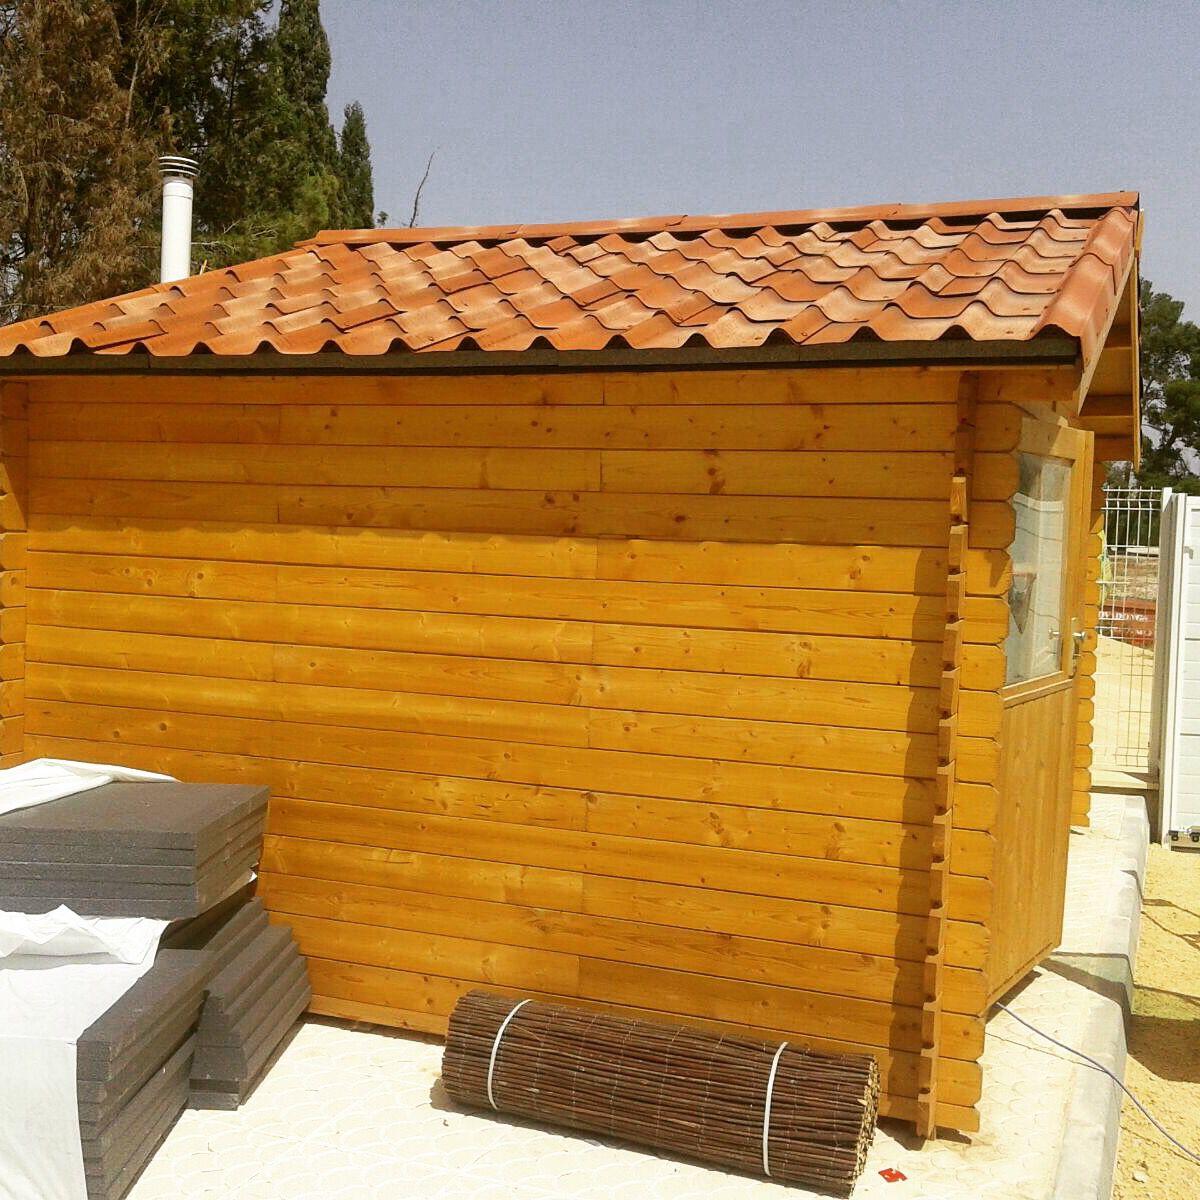 Soluci n para aislar t rmicamente el techo de nuestras casetas de jard n tejas asf ltica - Paneles de madera para jardin ...